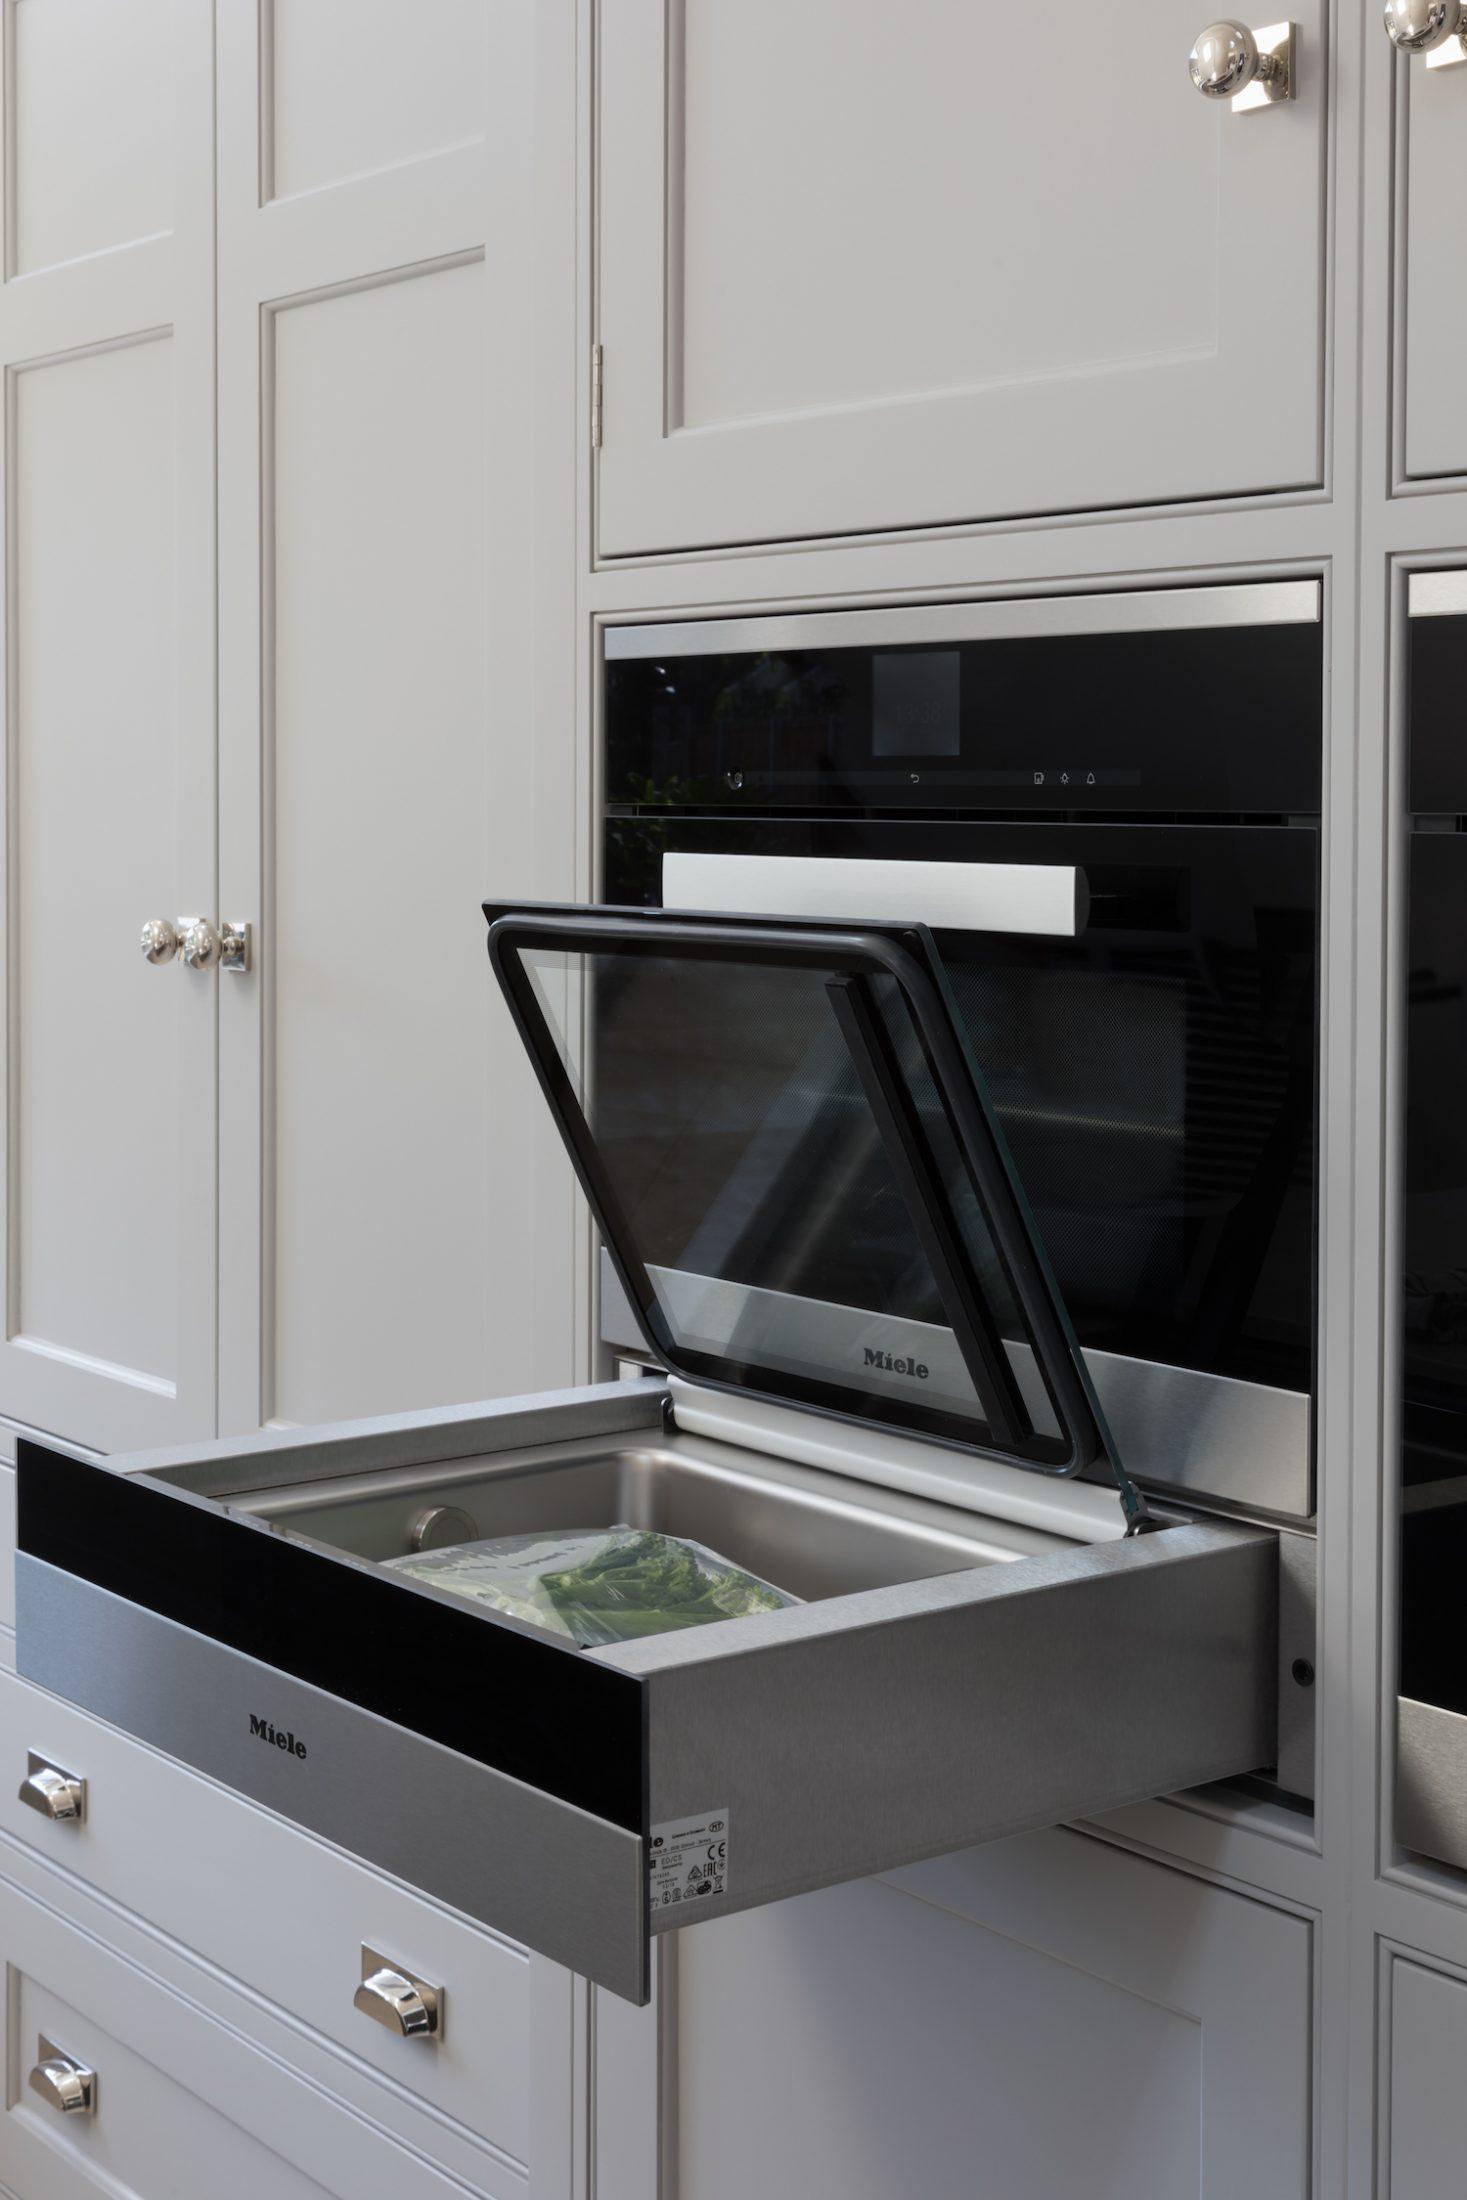 Miele Sous Vide Vacuum Sealing Drawer Humphrey Munson Kitchens